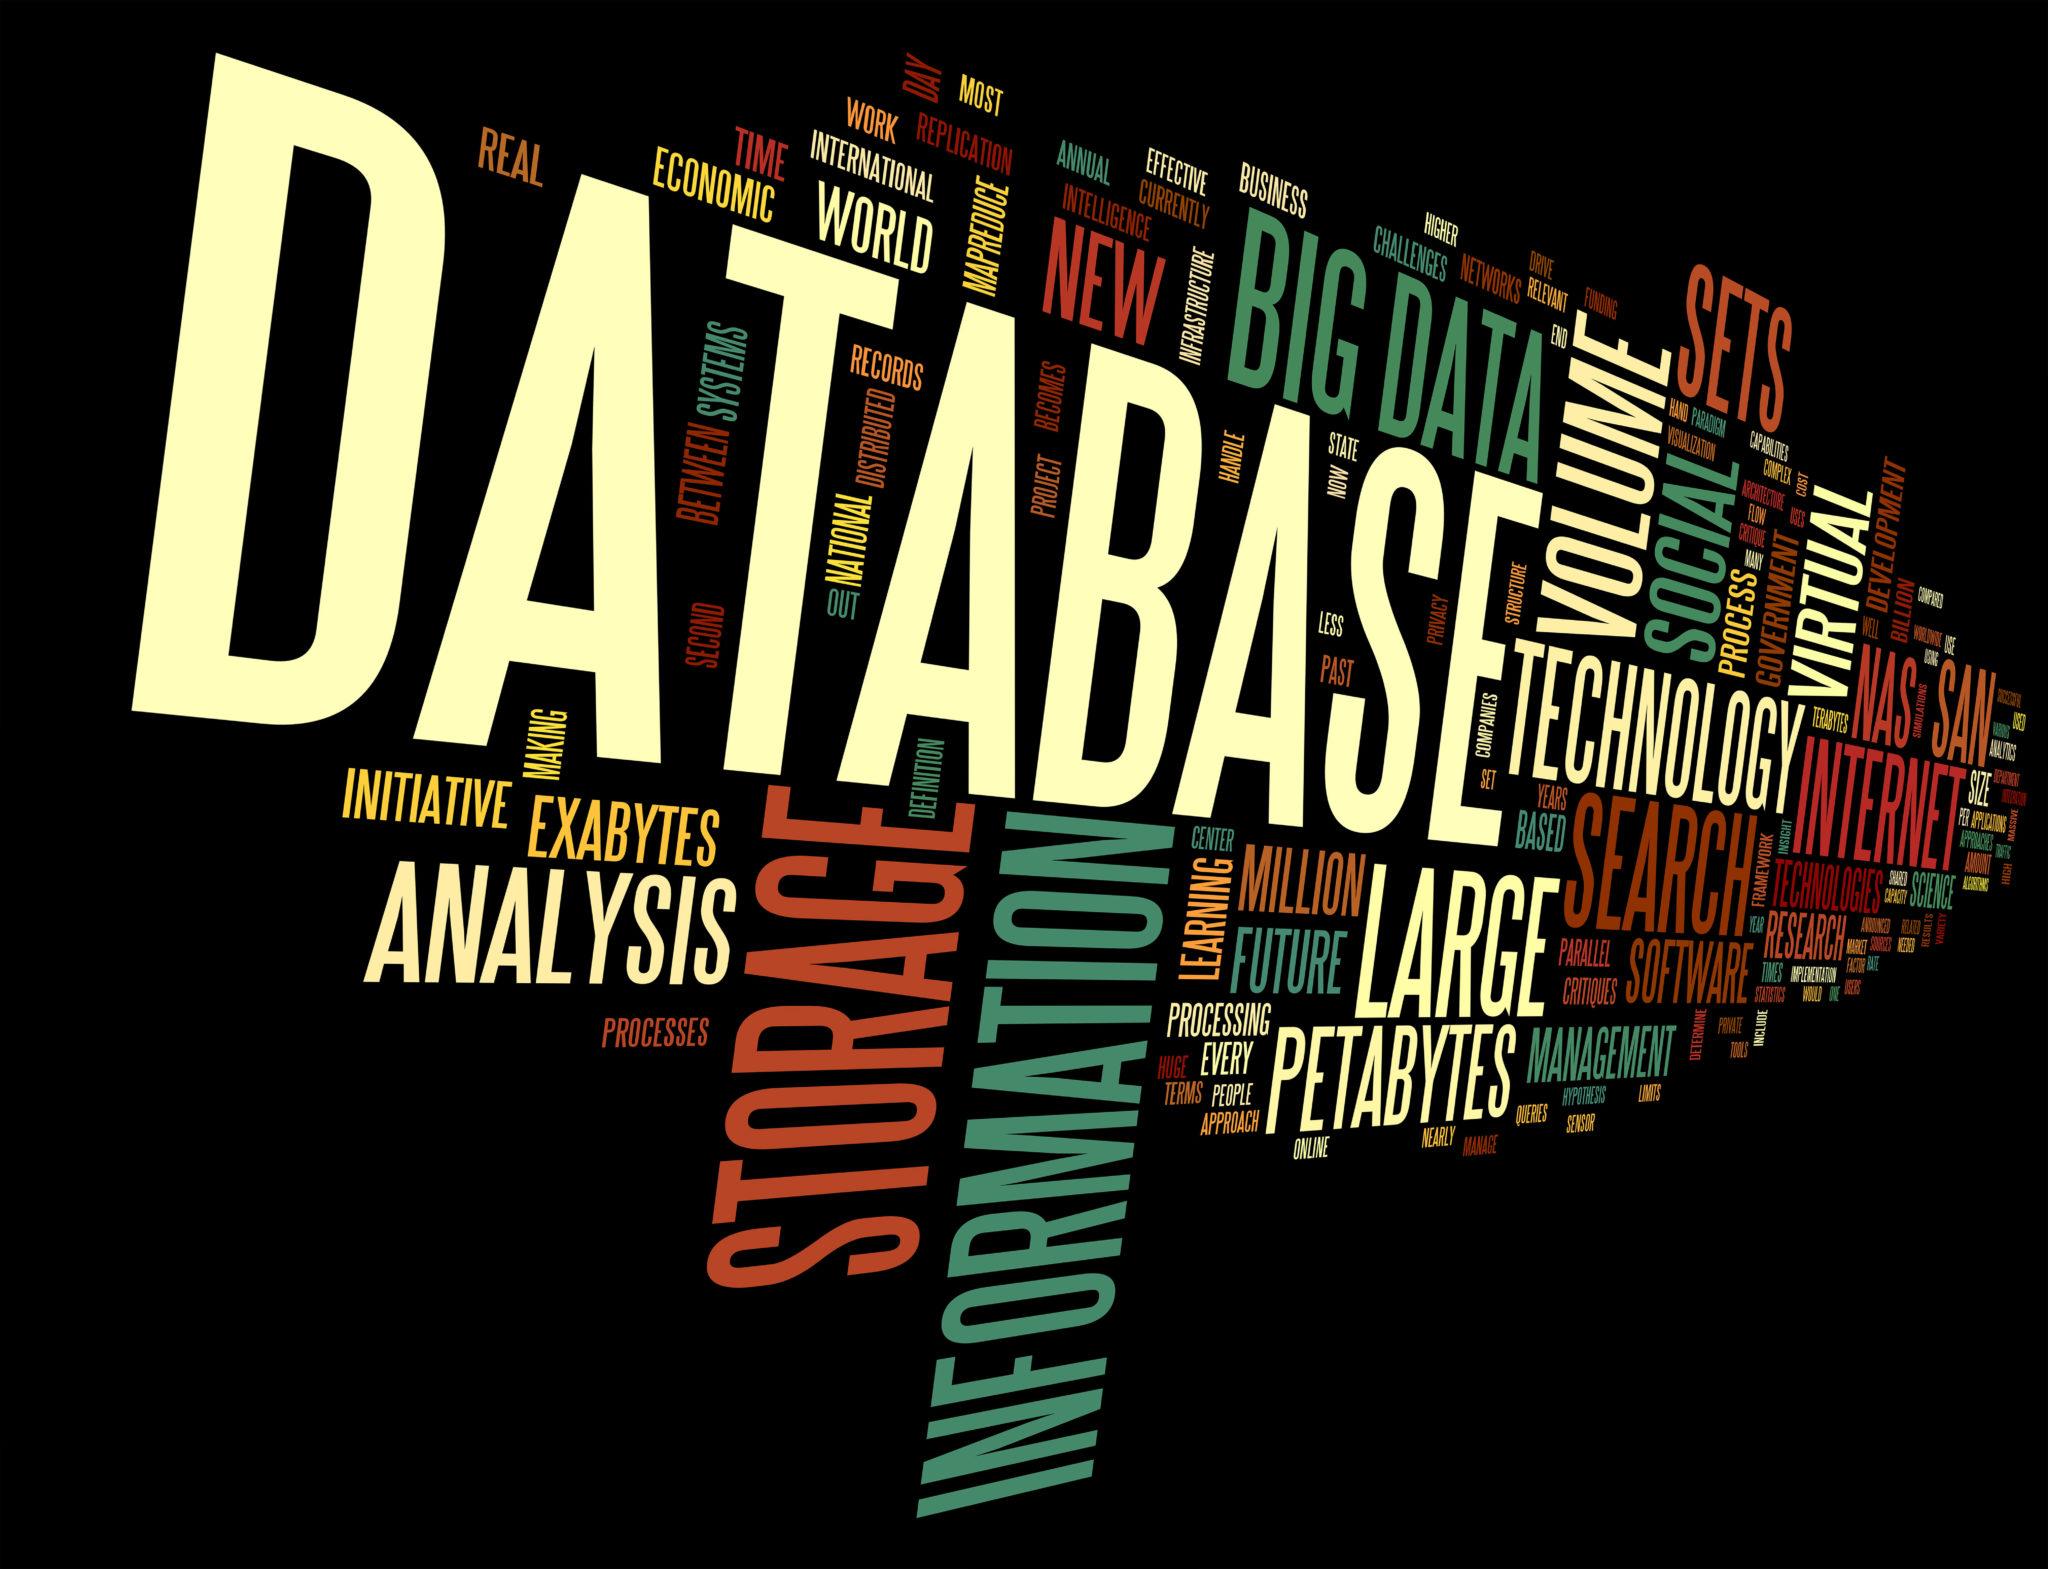 黒地に複数の言葉。その中にデータベースの文字